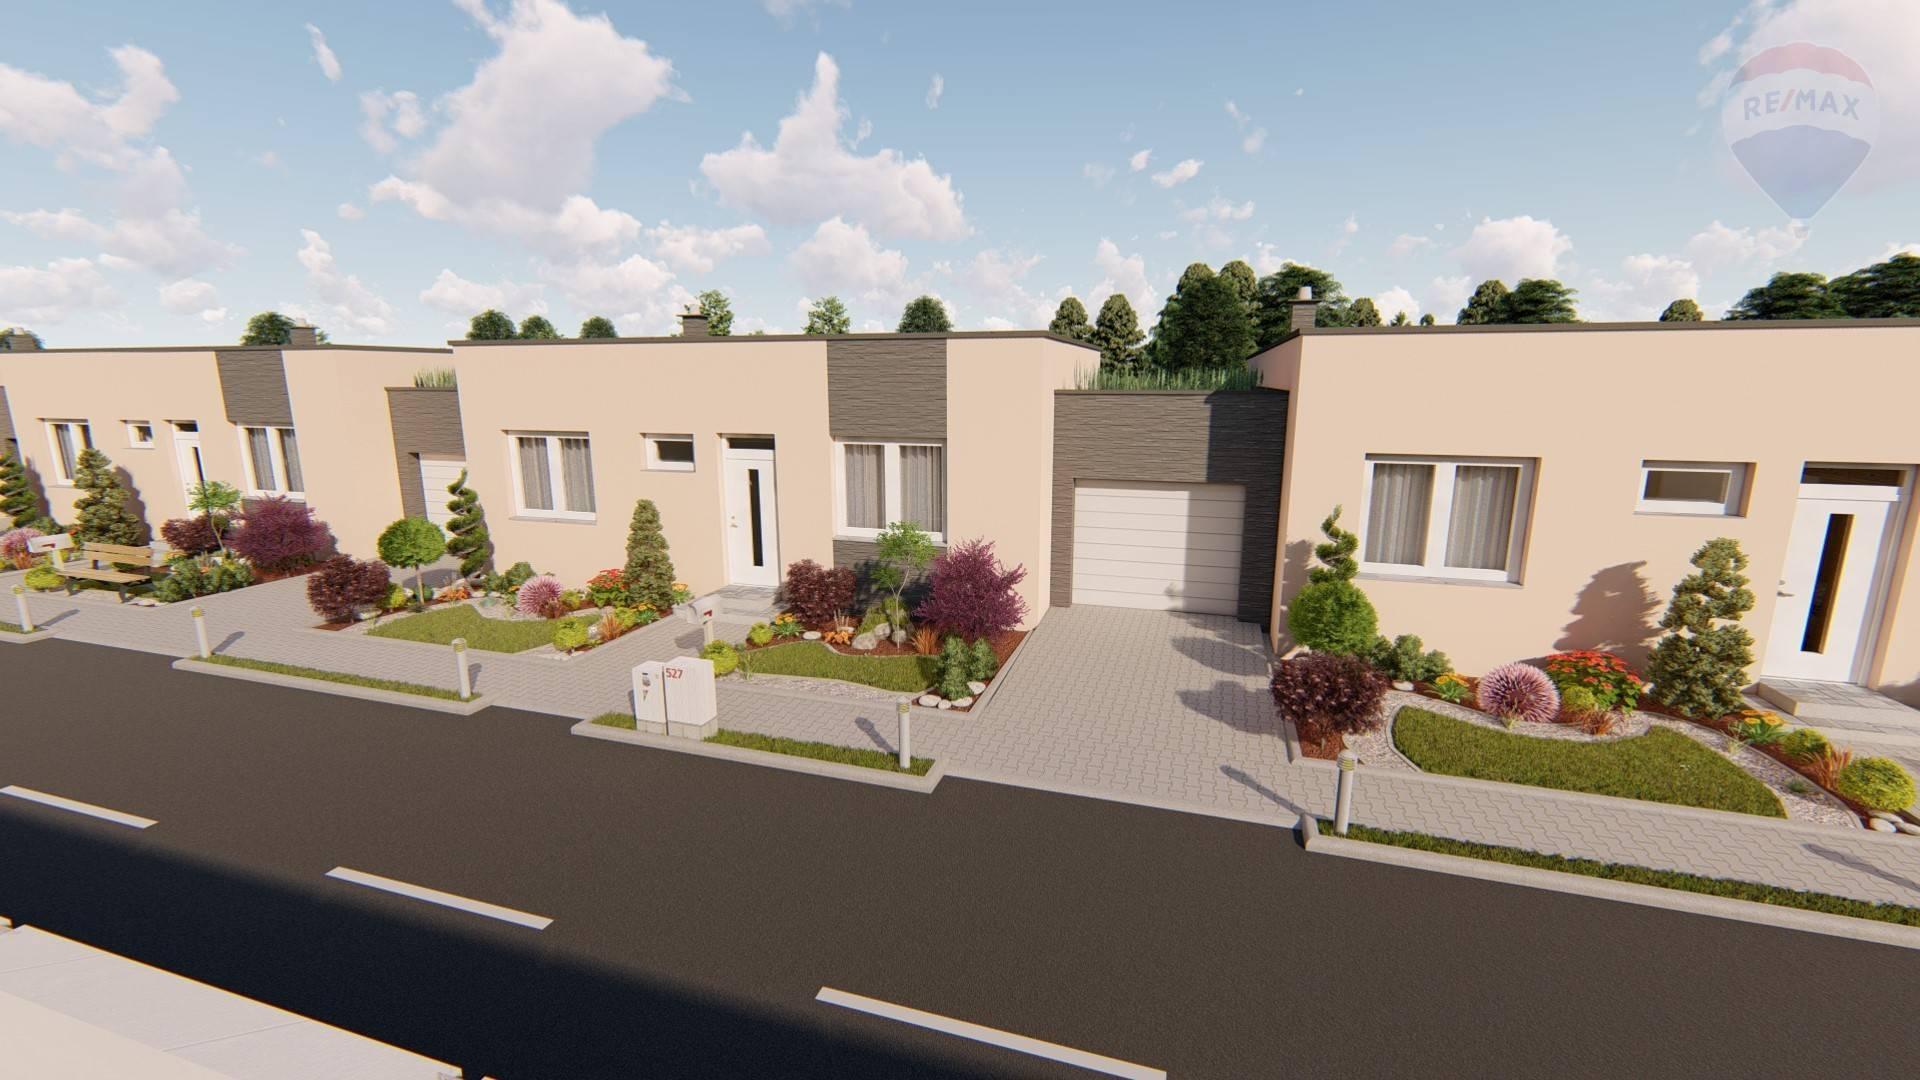 4-izbové rodinné domy na Predmestí v Skalici